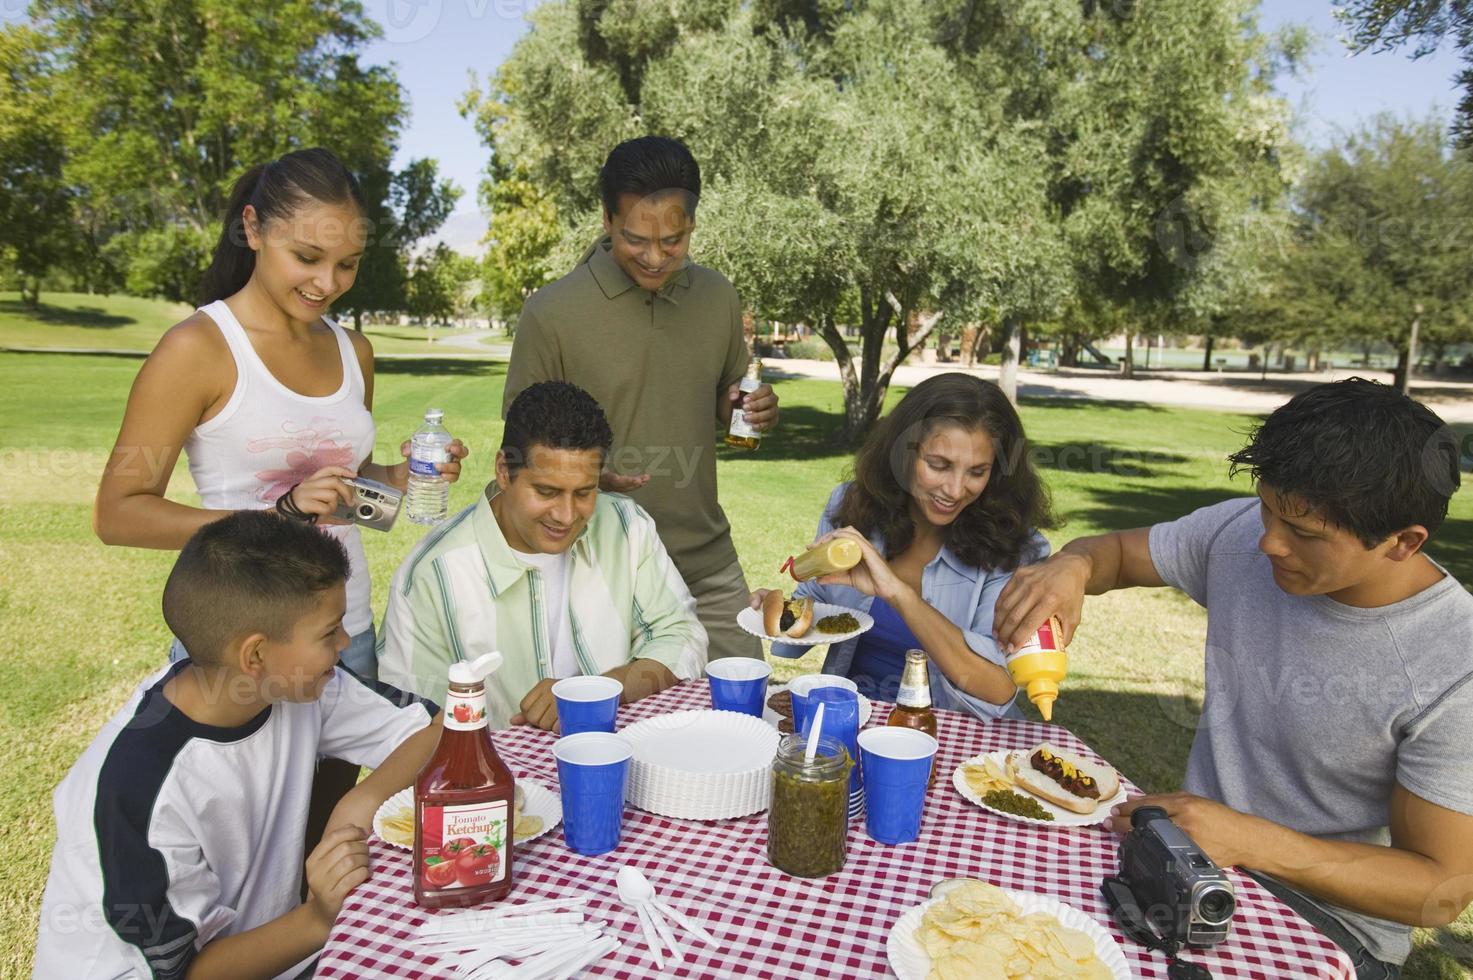 familjen samlades runt picknickbordet foto